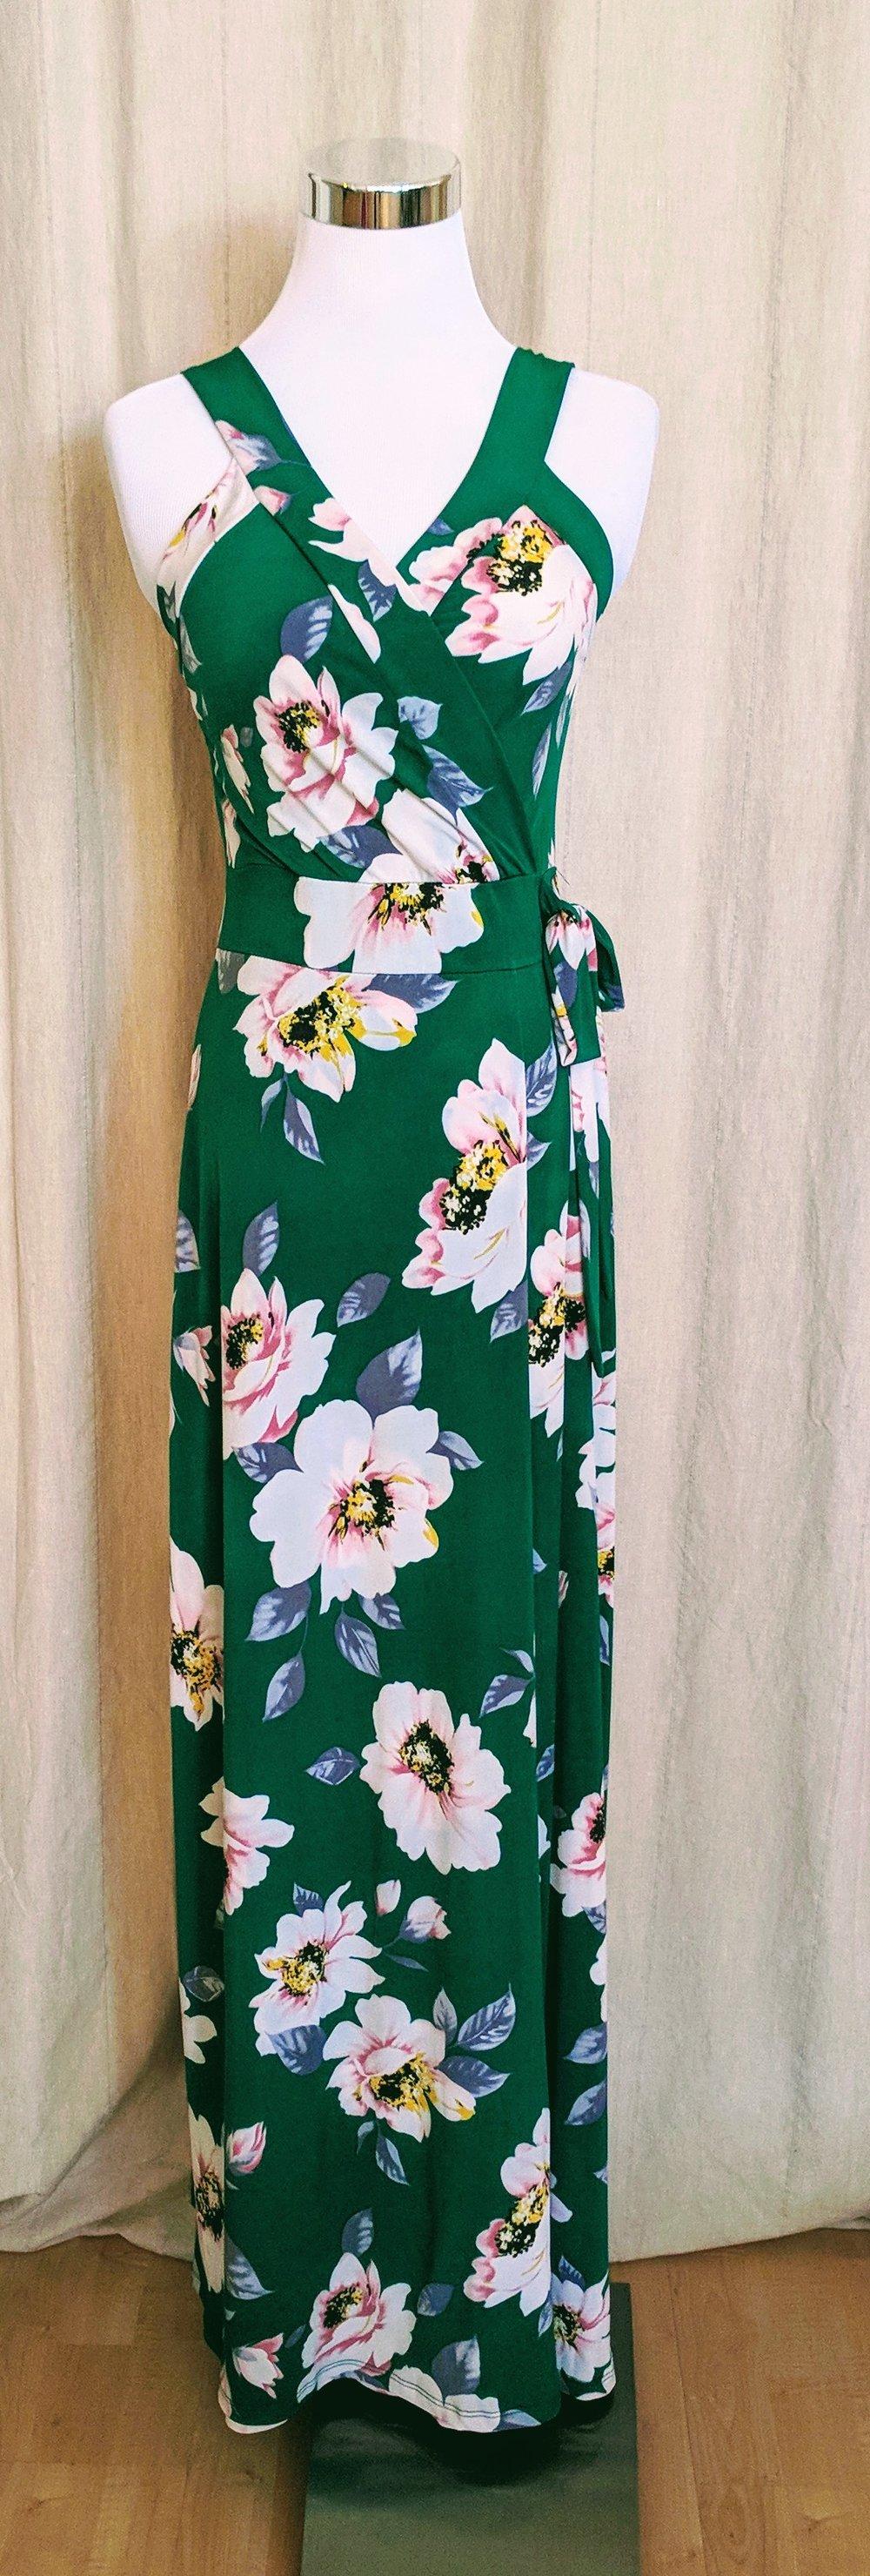 Green Floral Faux Wrap Dress $58